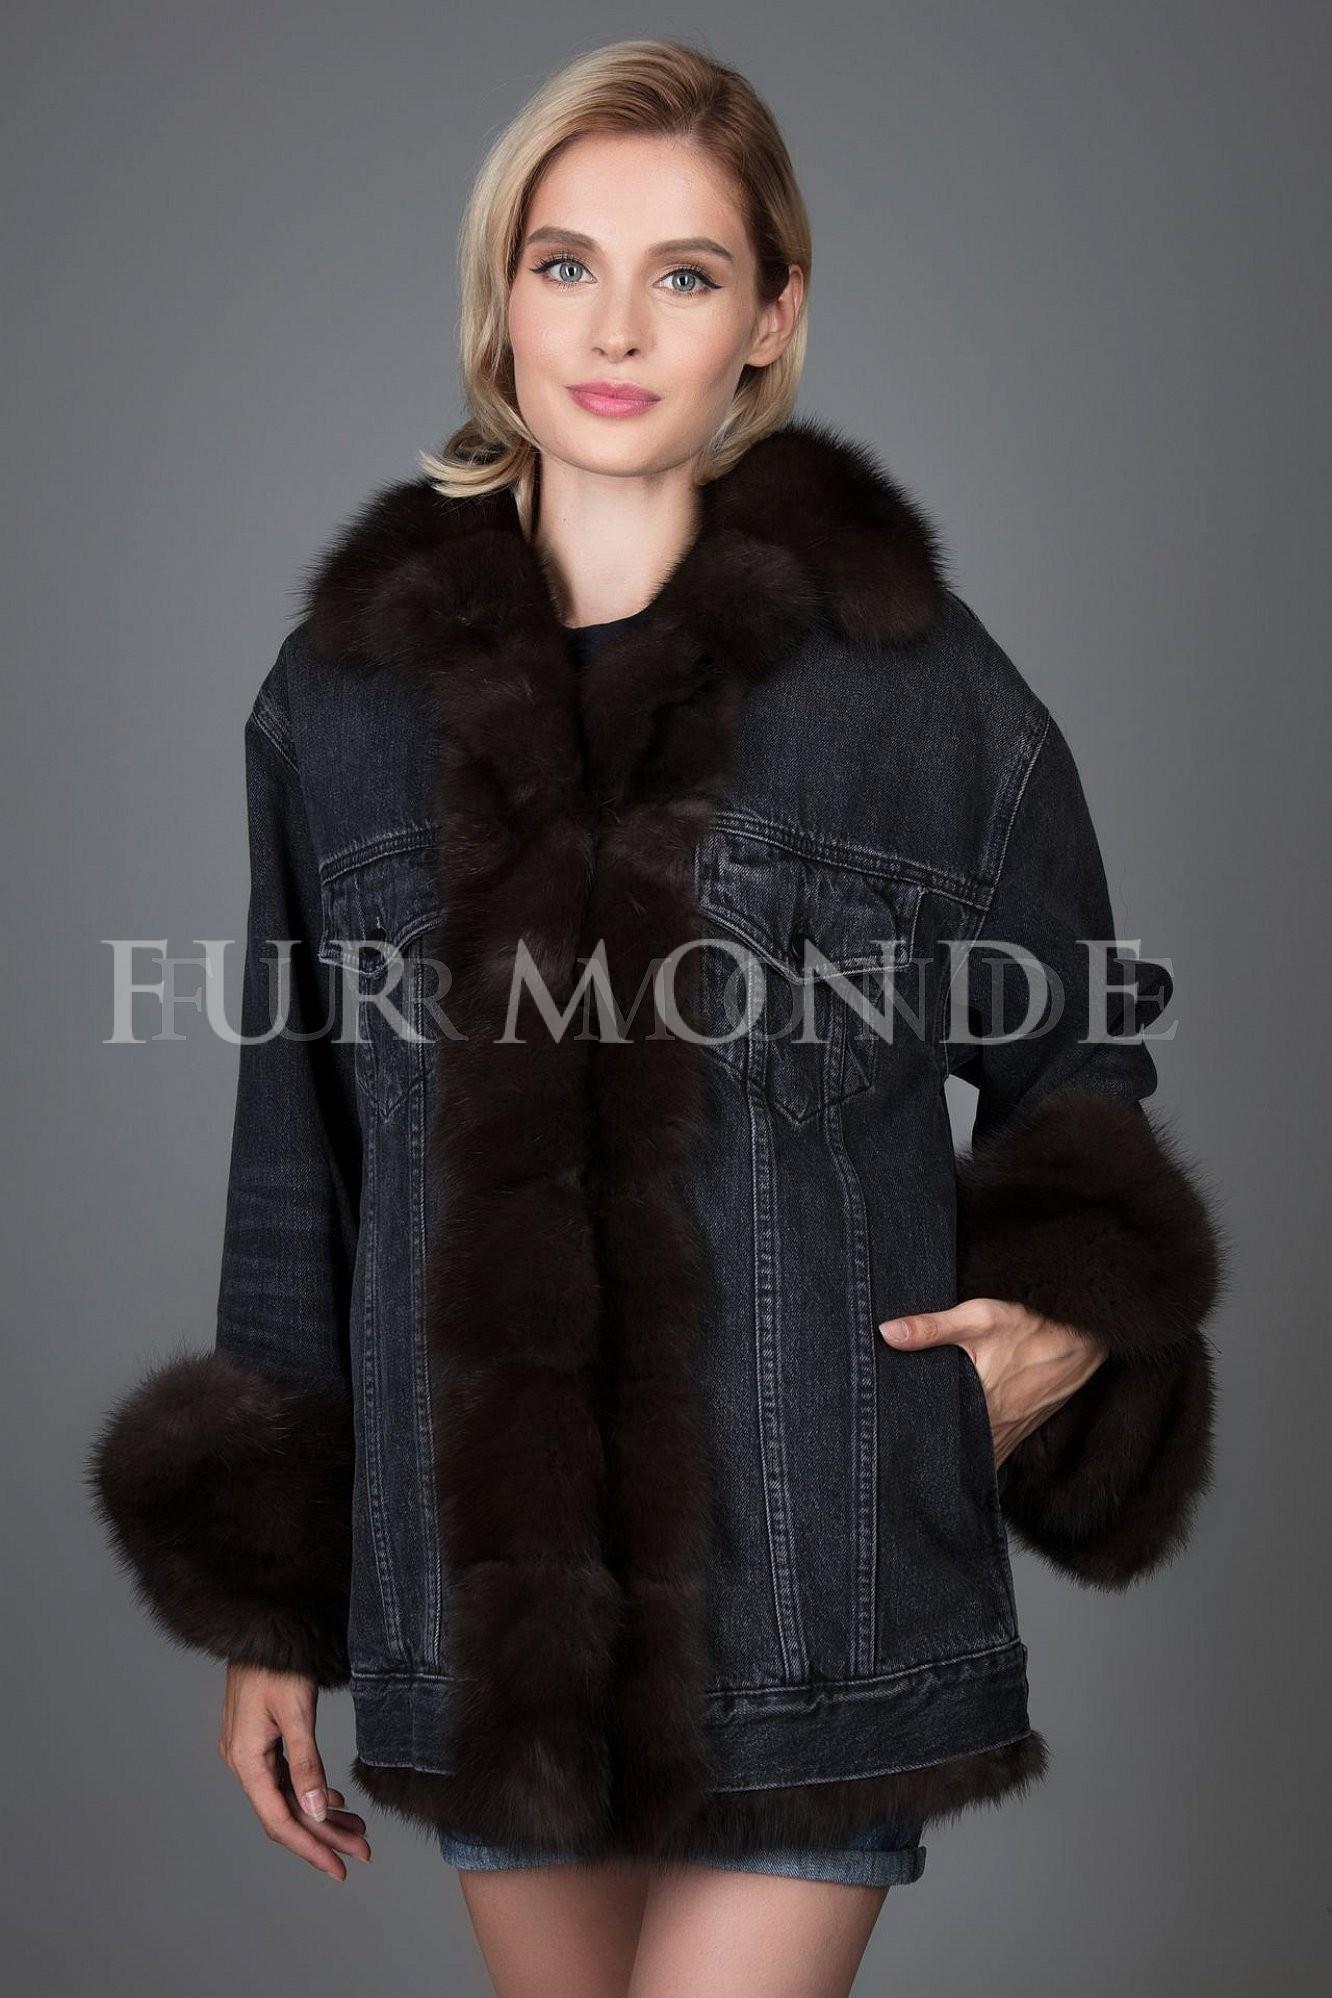 Джинсовая куртка с мехом куницы 359809